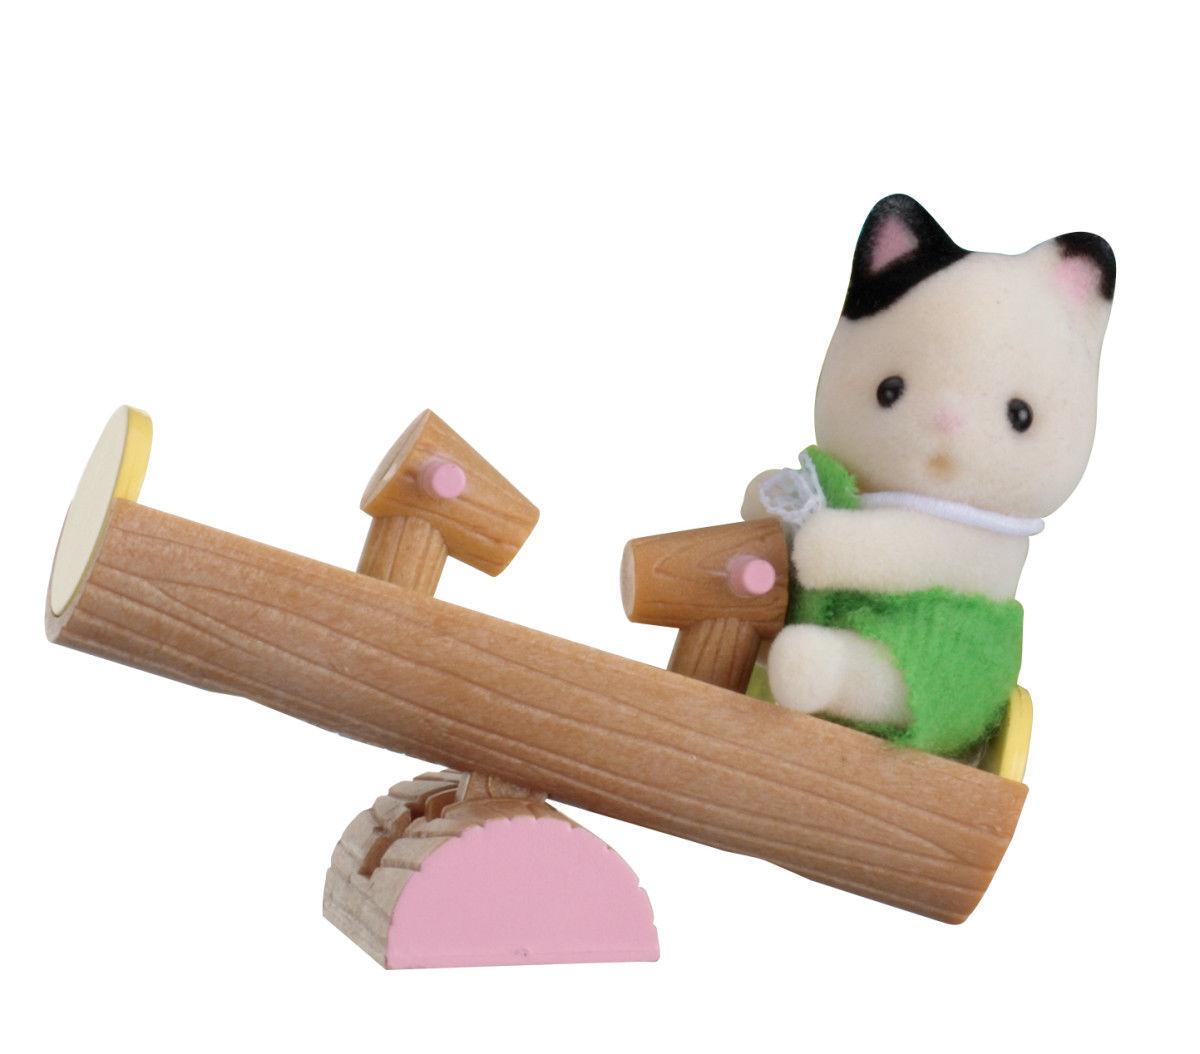 משפ' סילבניאן - תינוק בתיק חתול על נדנדה משפחת סילבניאן